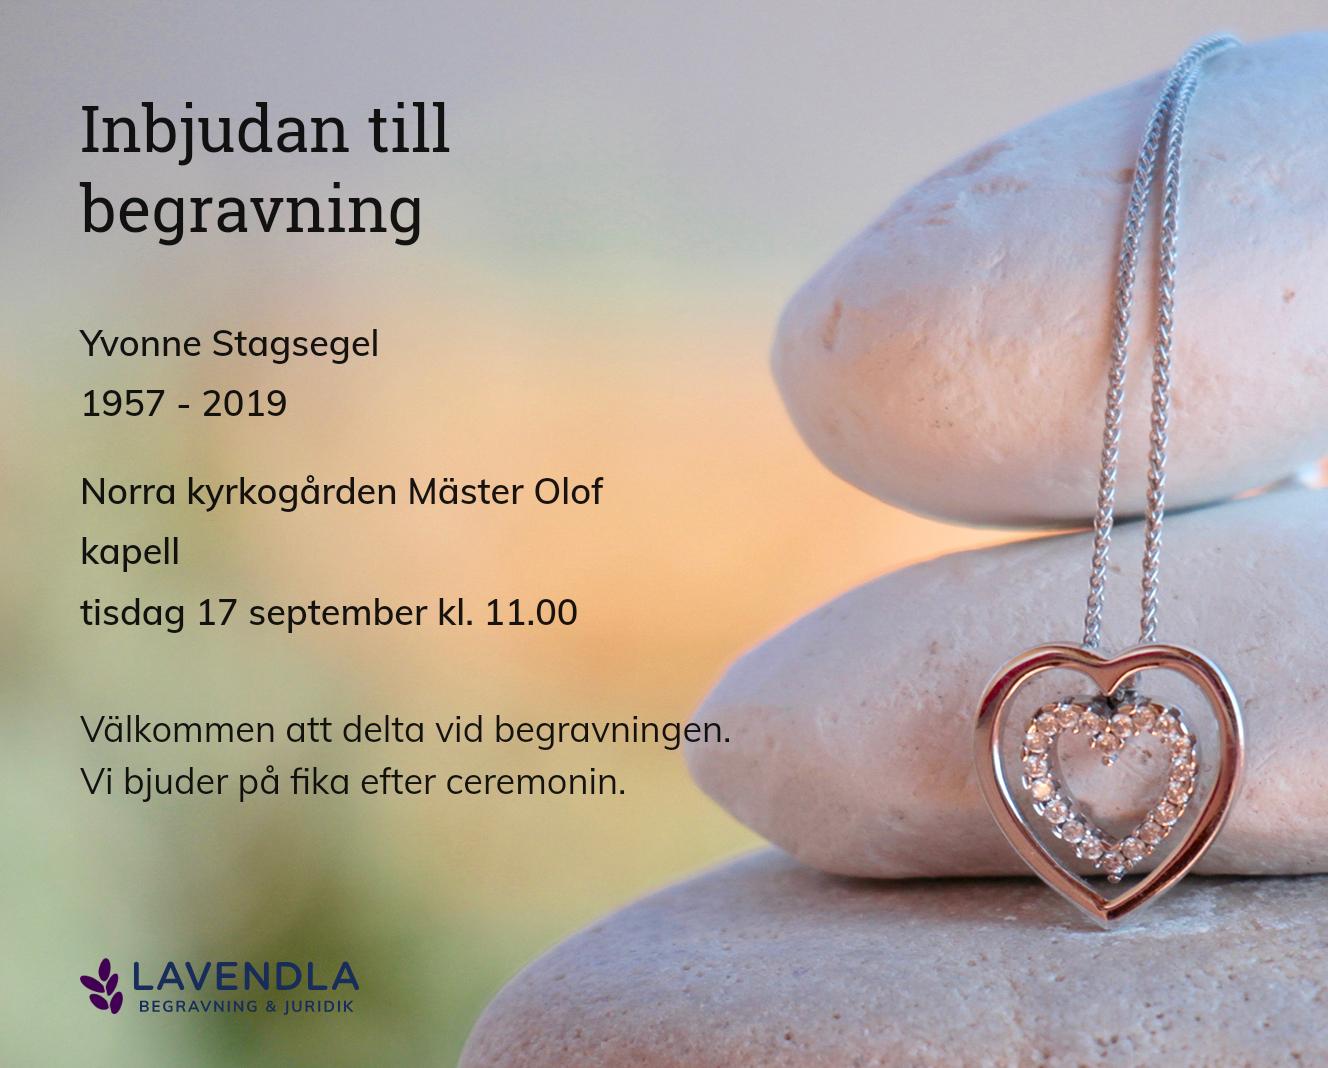 Inbjudningskort till ceremonin för Yvonne Stagsegel